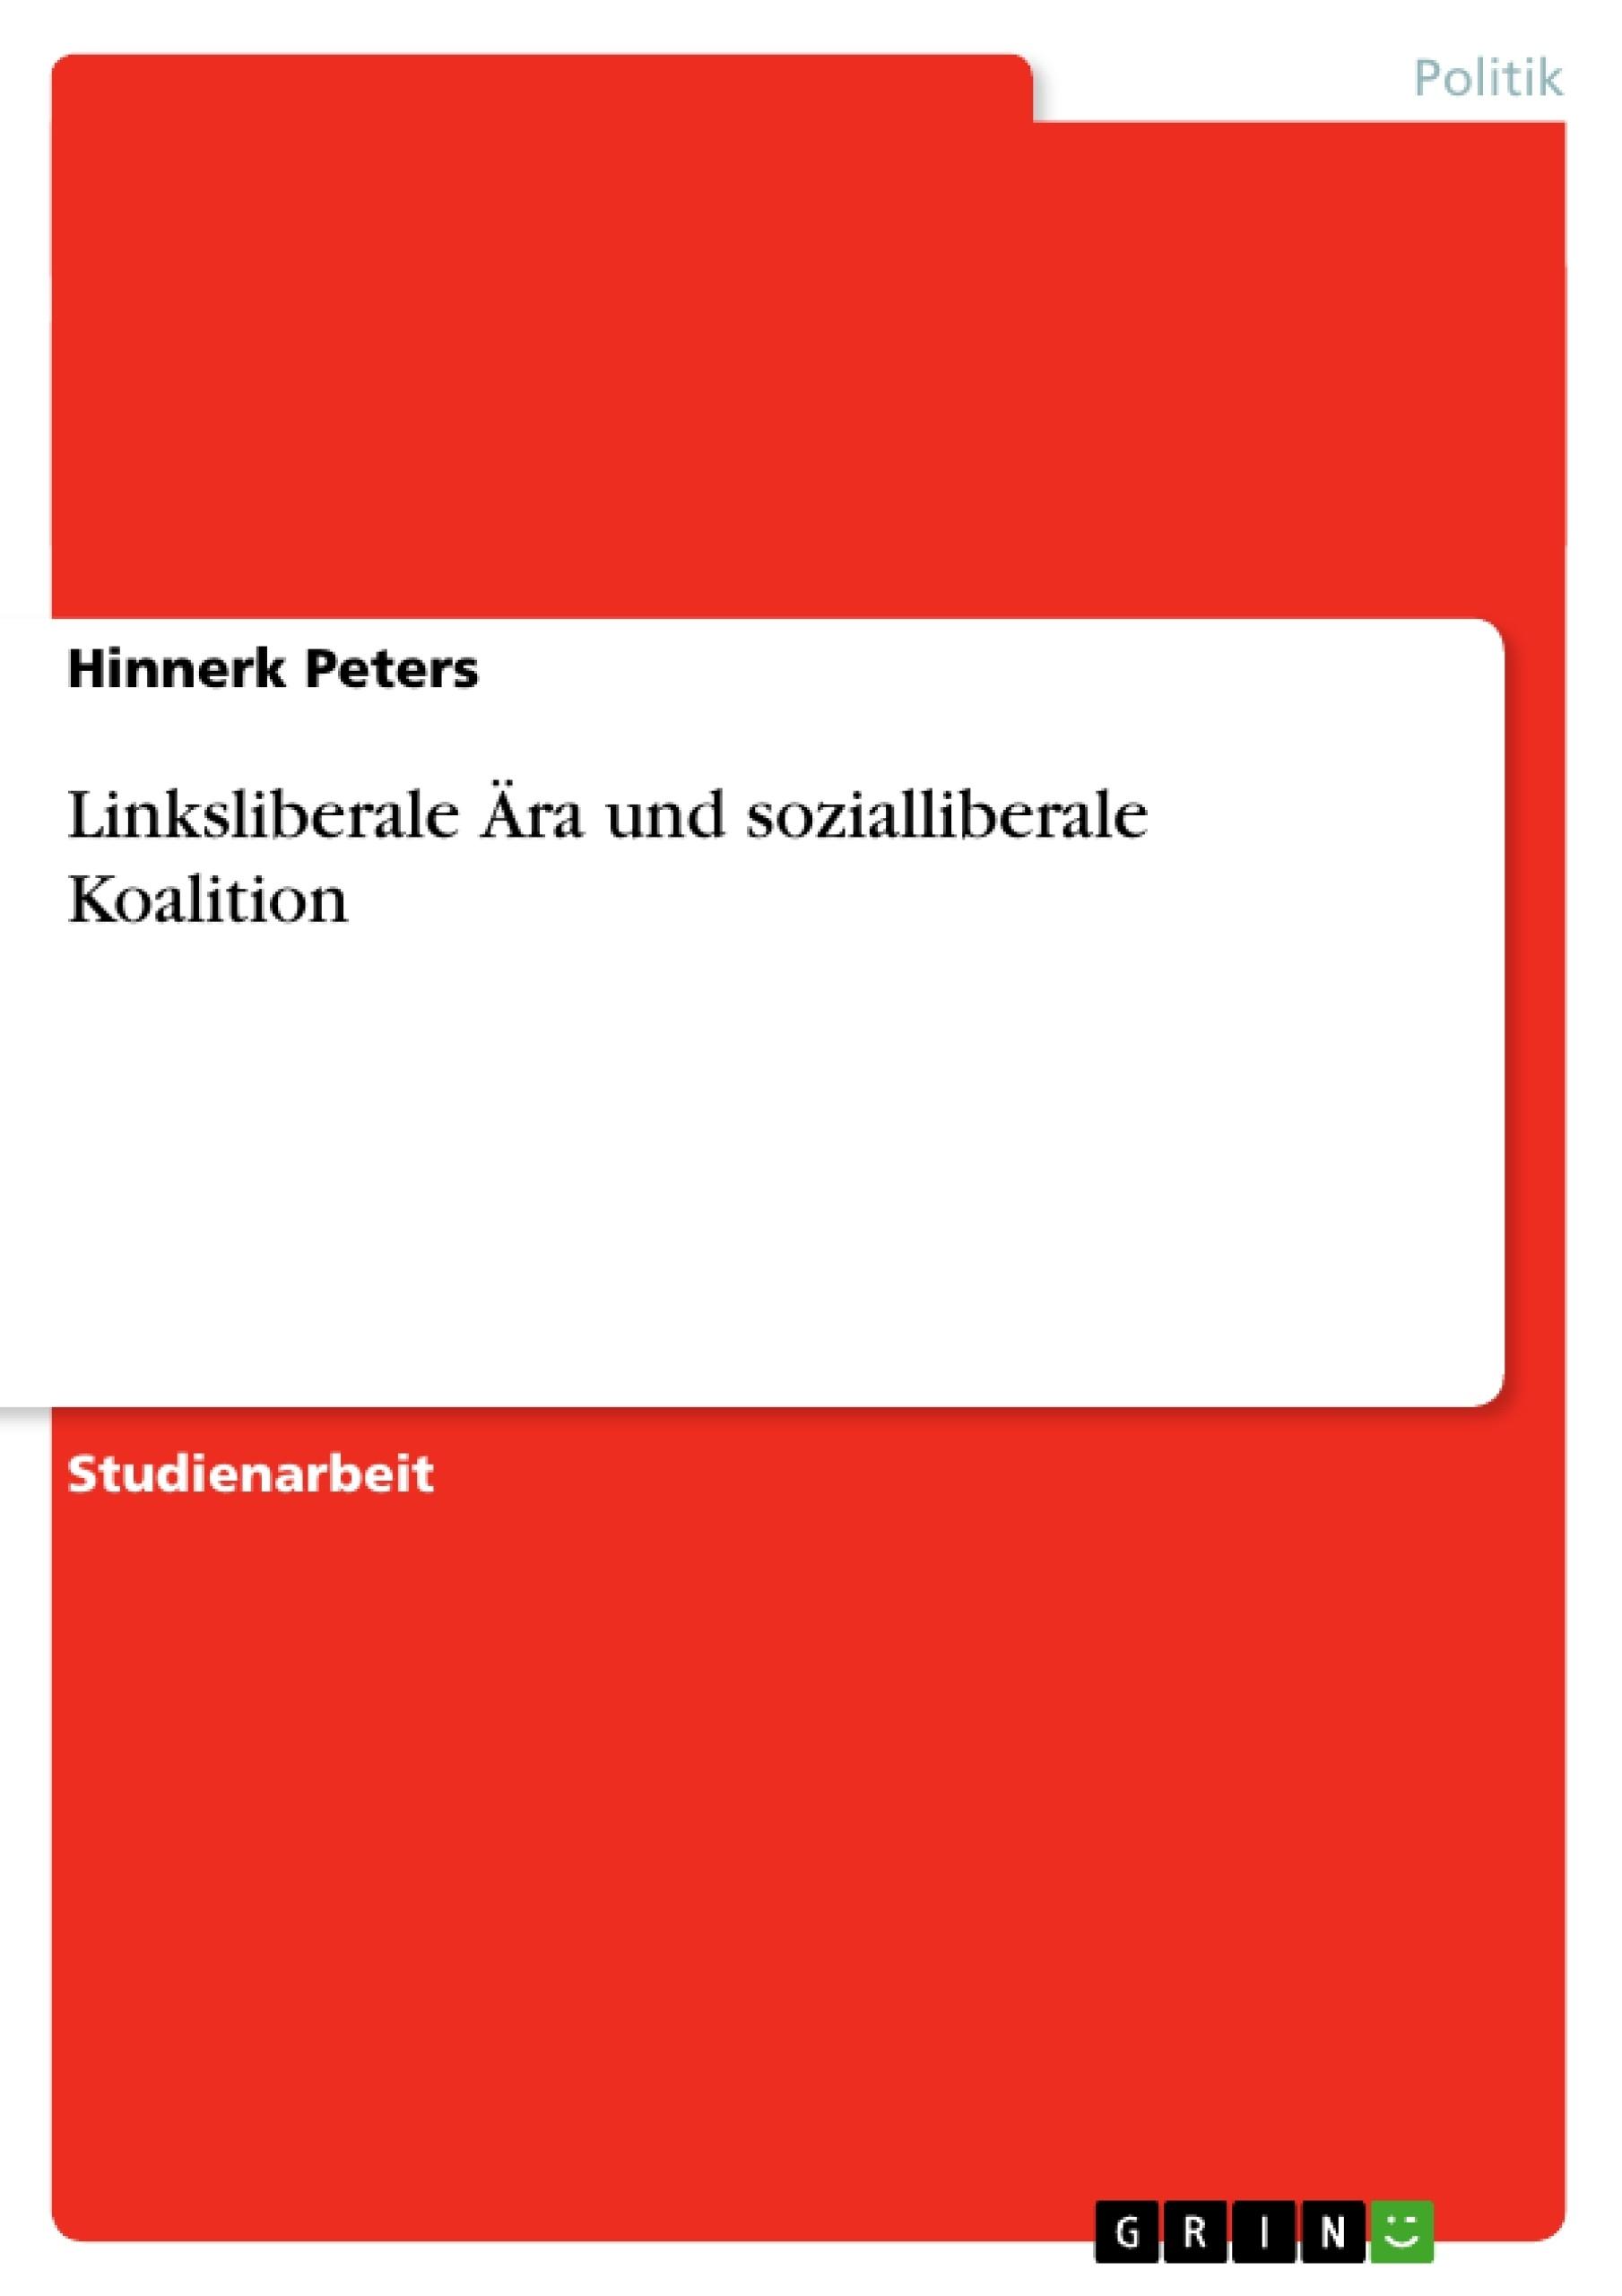 Titel: Linksliberale Ära und sozialliberale Koalition